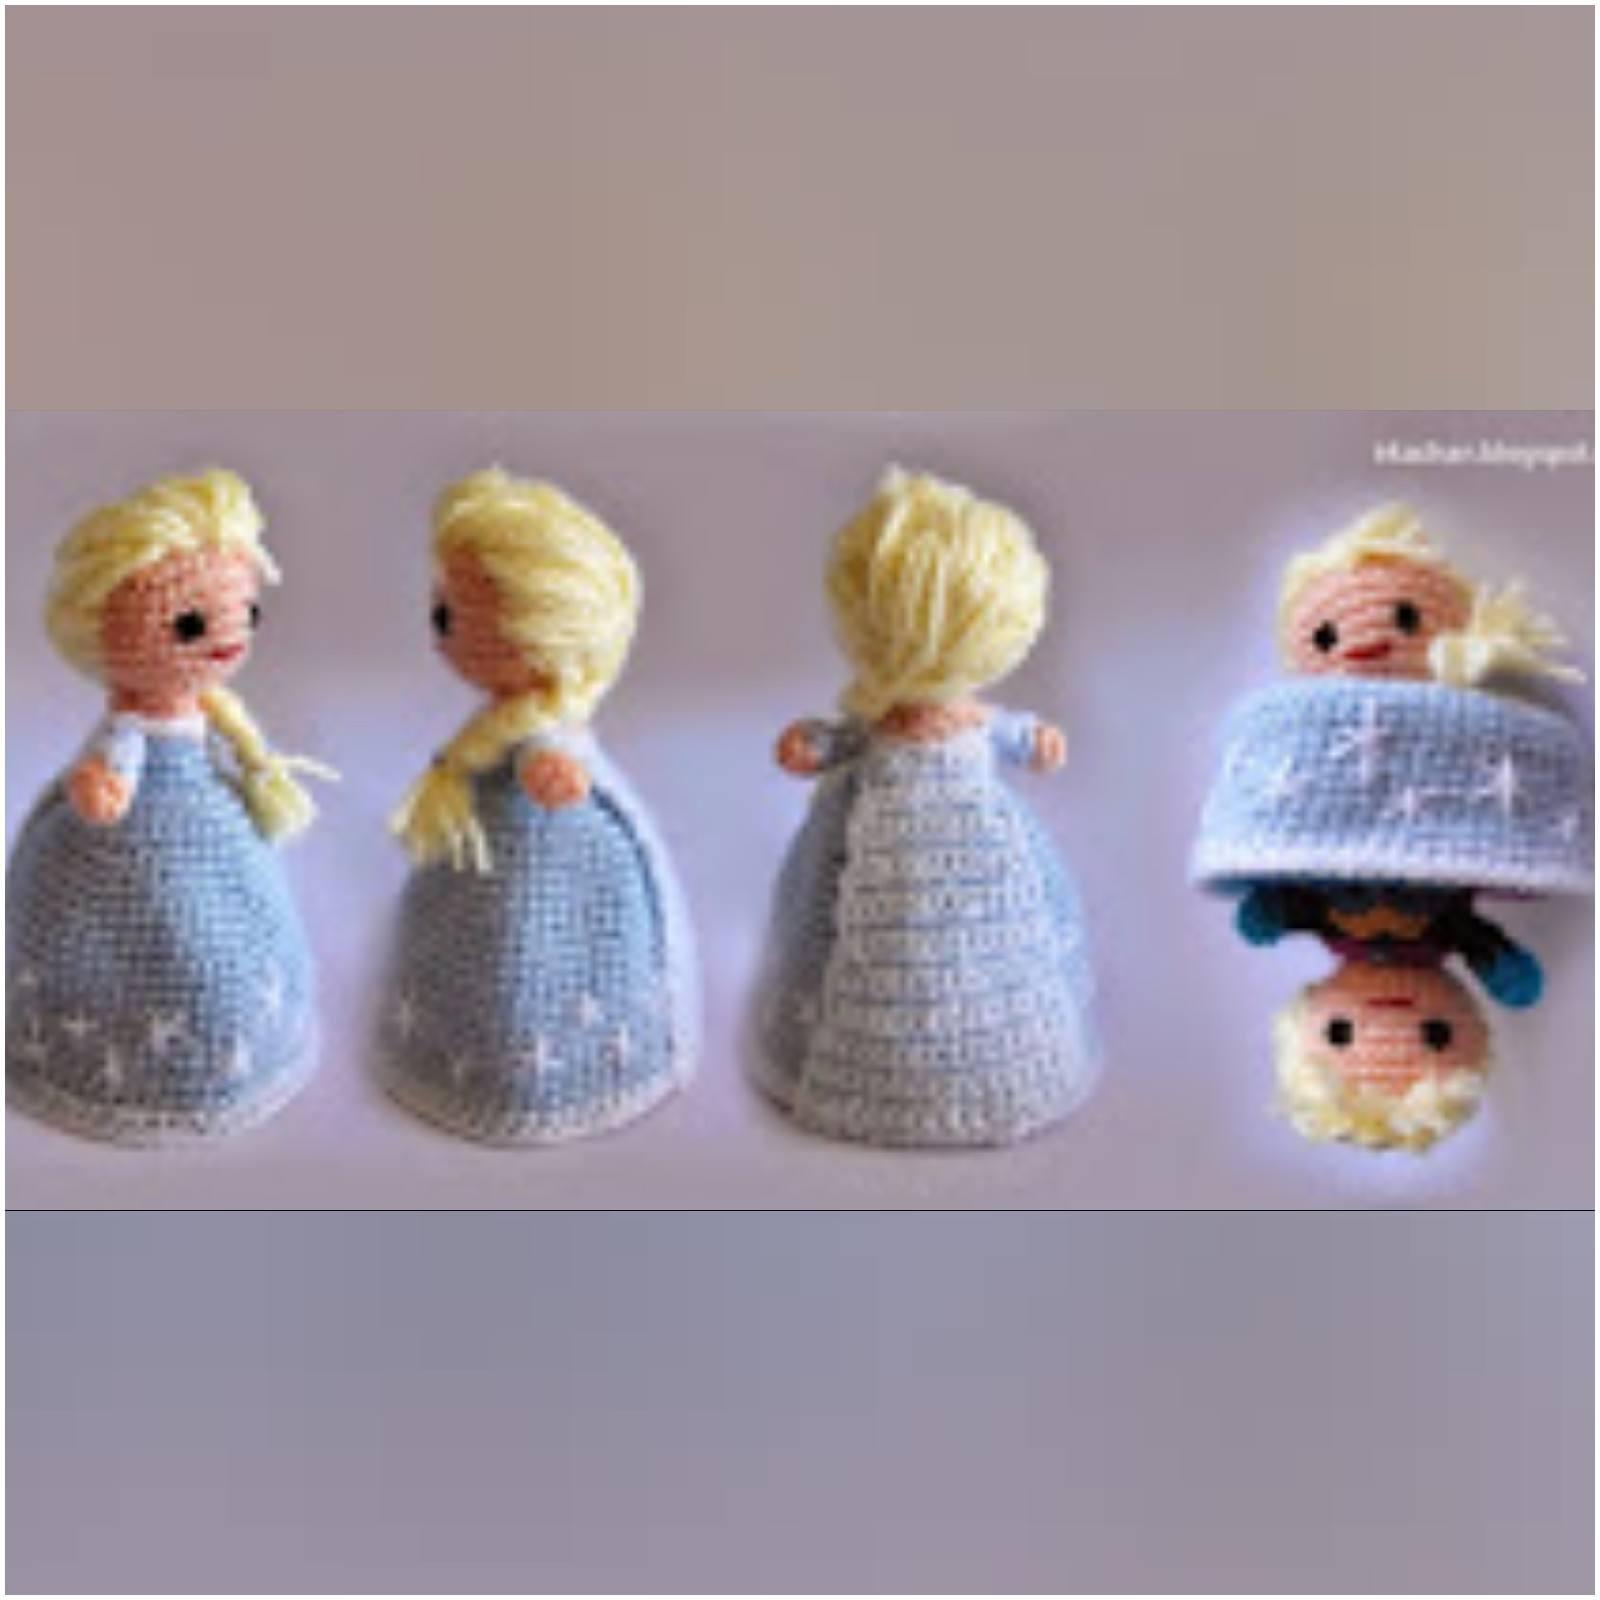 Muñeca Rapunzel amigurumi, solo inspiración | Muñeca amigurumi ... | 1600x1600